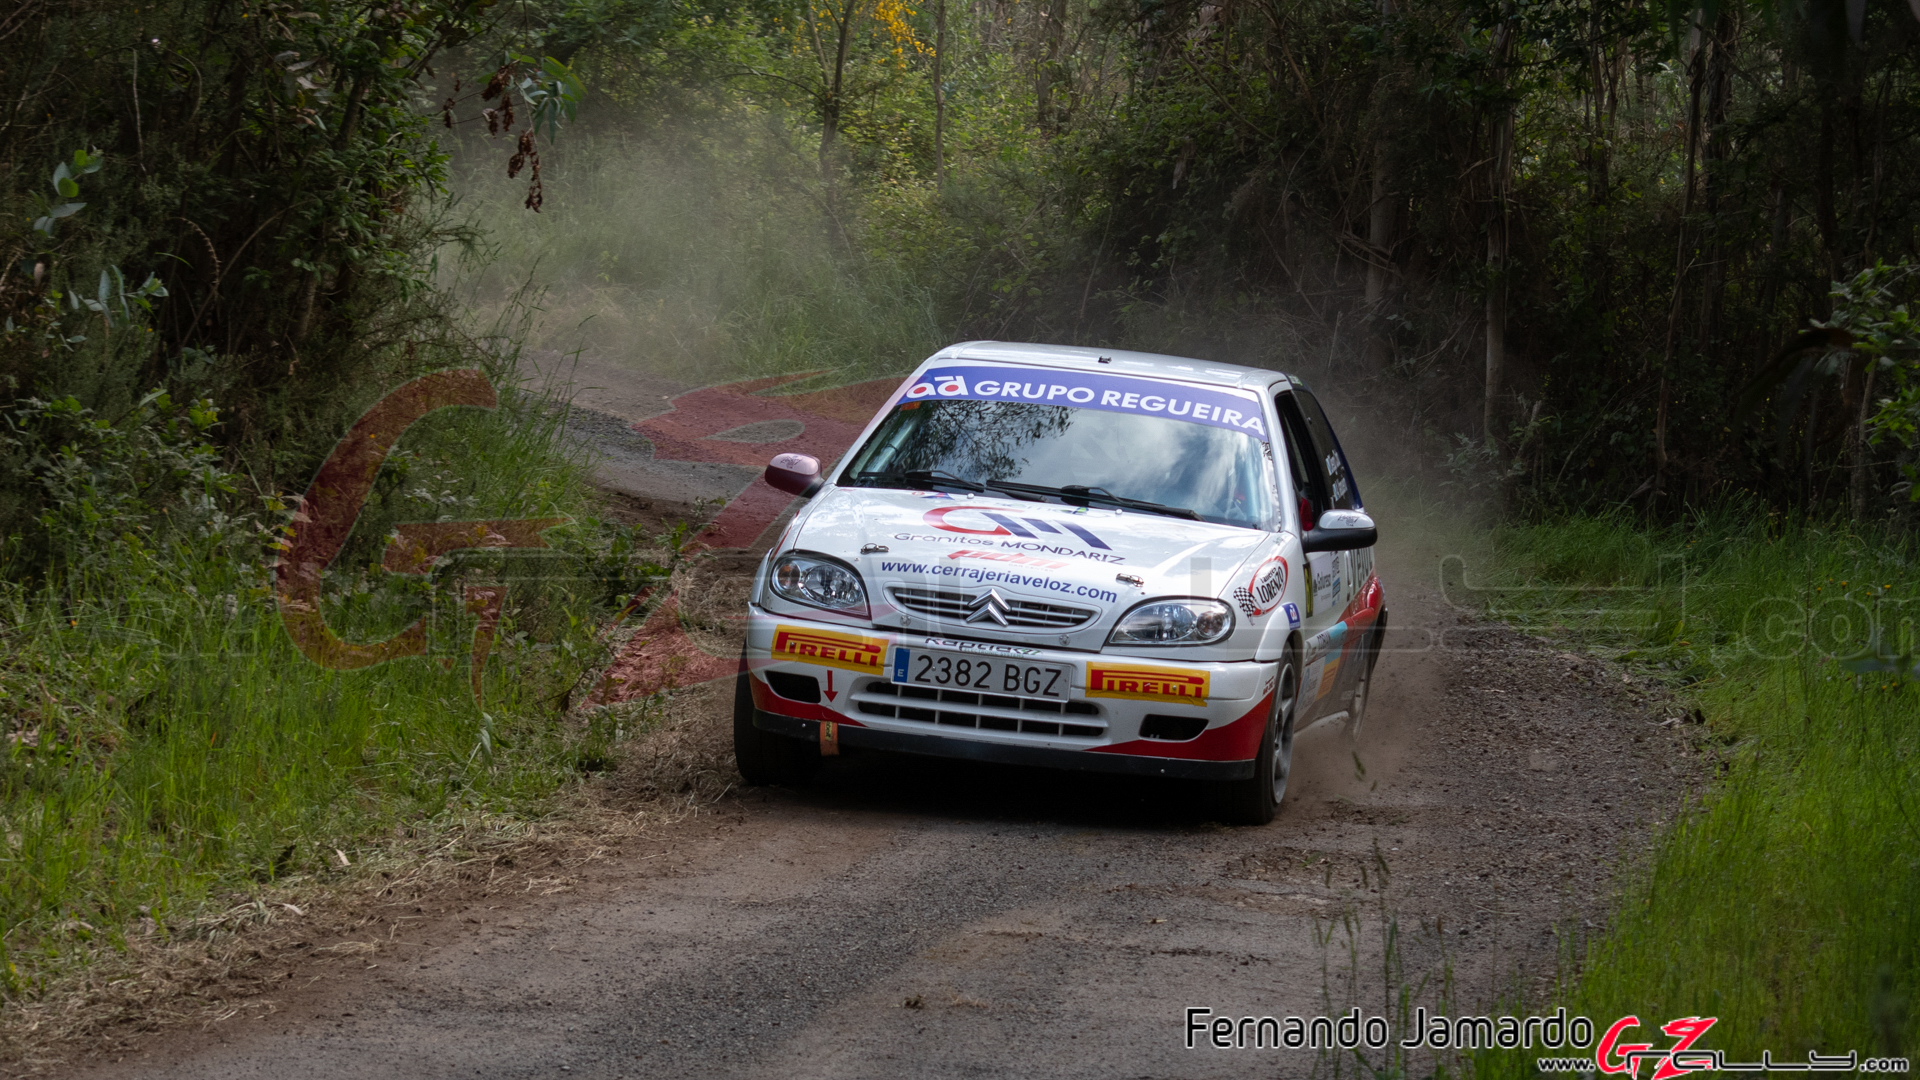 Rally de A Coruña 2021 - Fernando Jamardo